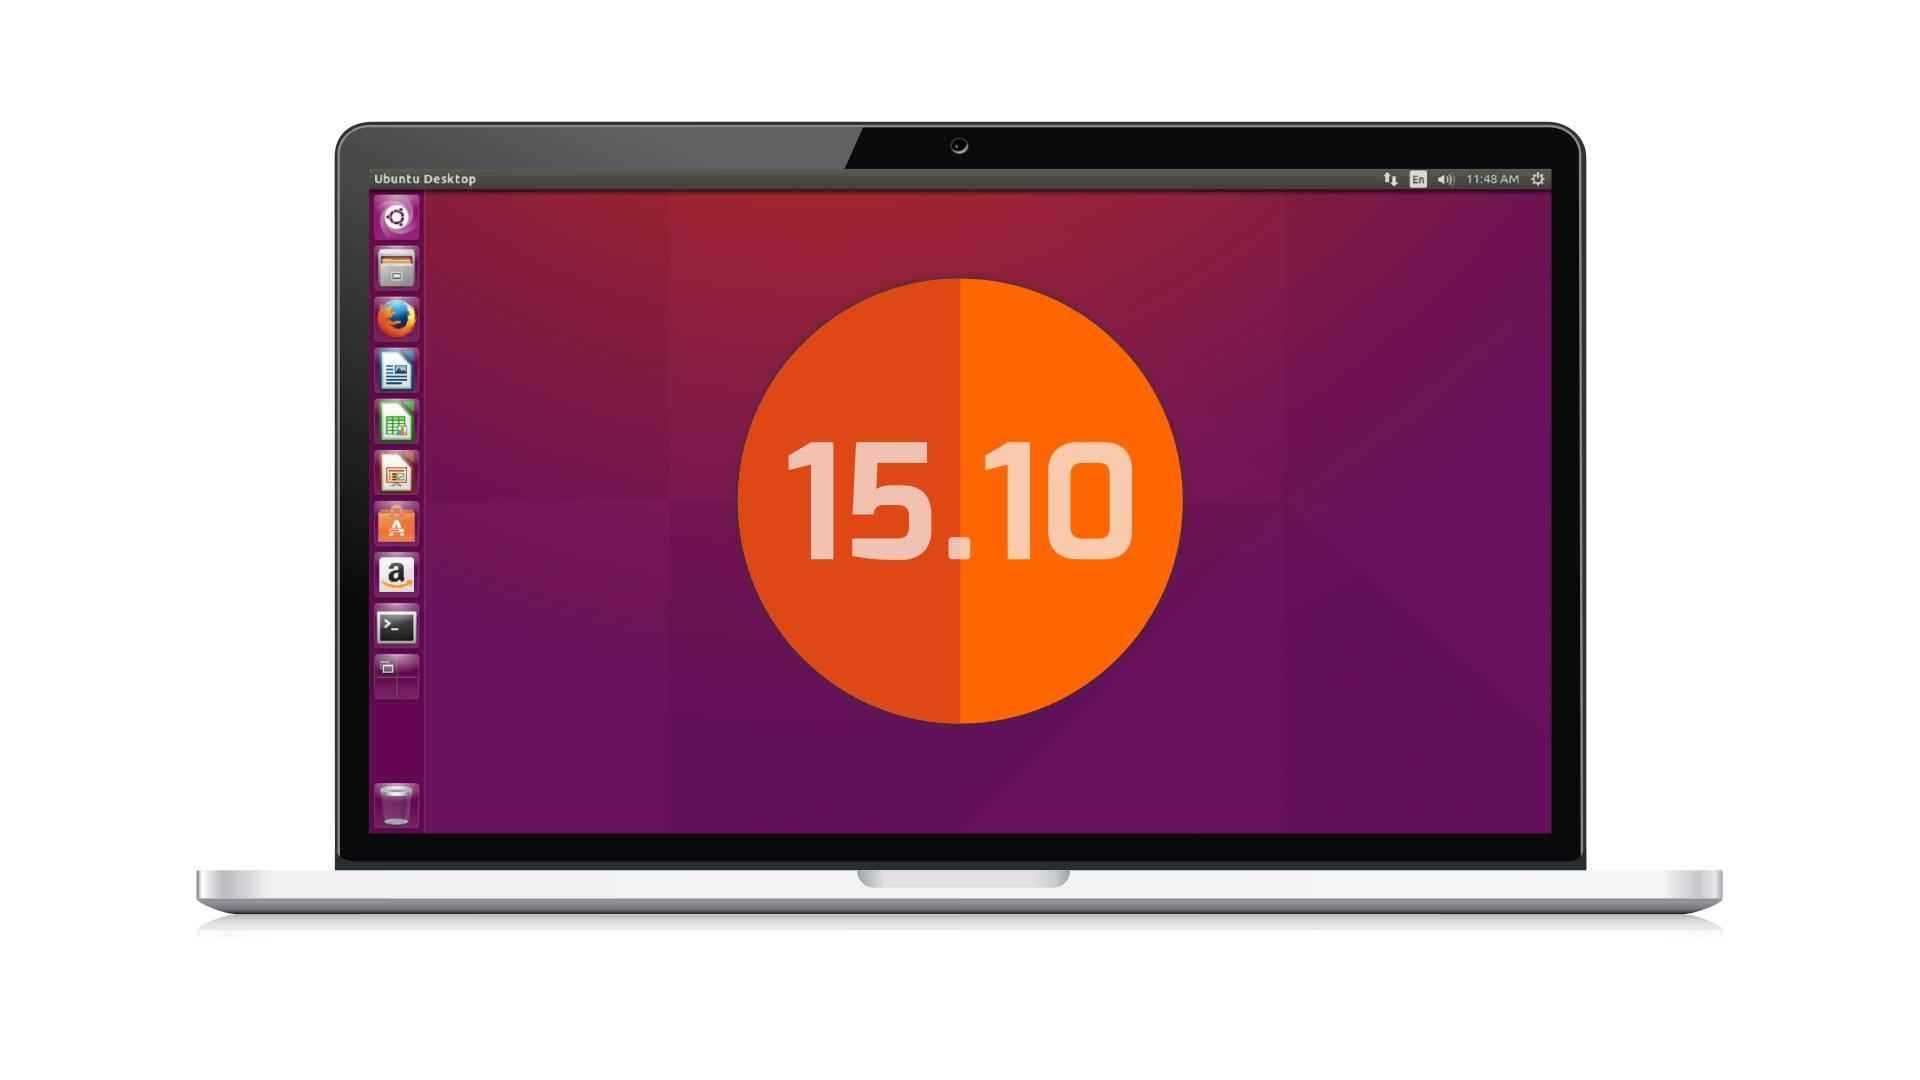 Cum se adăuga si elimină cu ușurință programe în Ubuntu 15.10